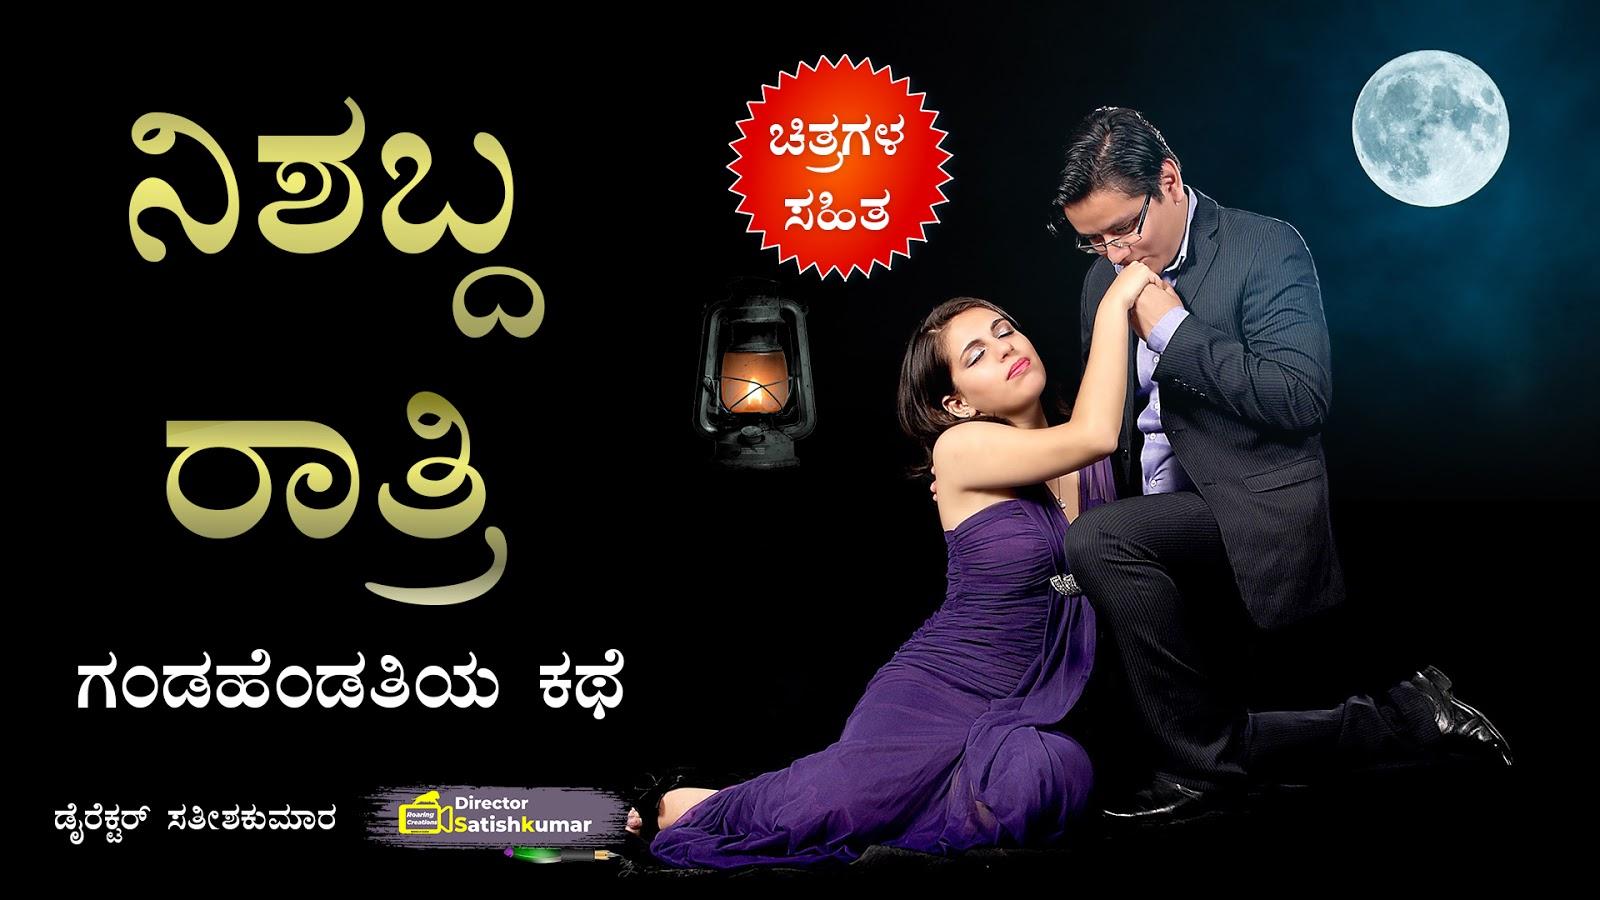 ನಿಶಬ್ದ ರಾತ್ರಿ : ಗಂಡಹೆಂಡತಿಯ ಕಥೆ - Romantic Love story of Husband and Wife in Kannada